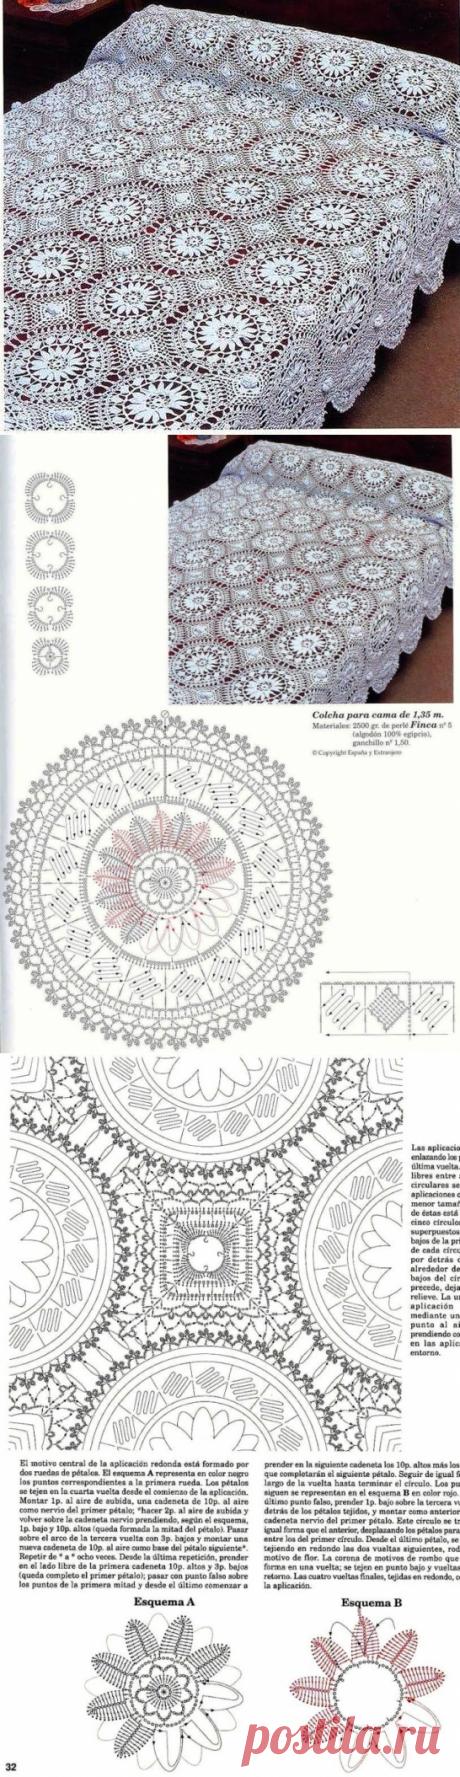 Красивое покрывало из круглых мотивов. Как связать ажурный плед крючком |